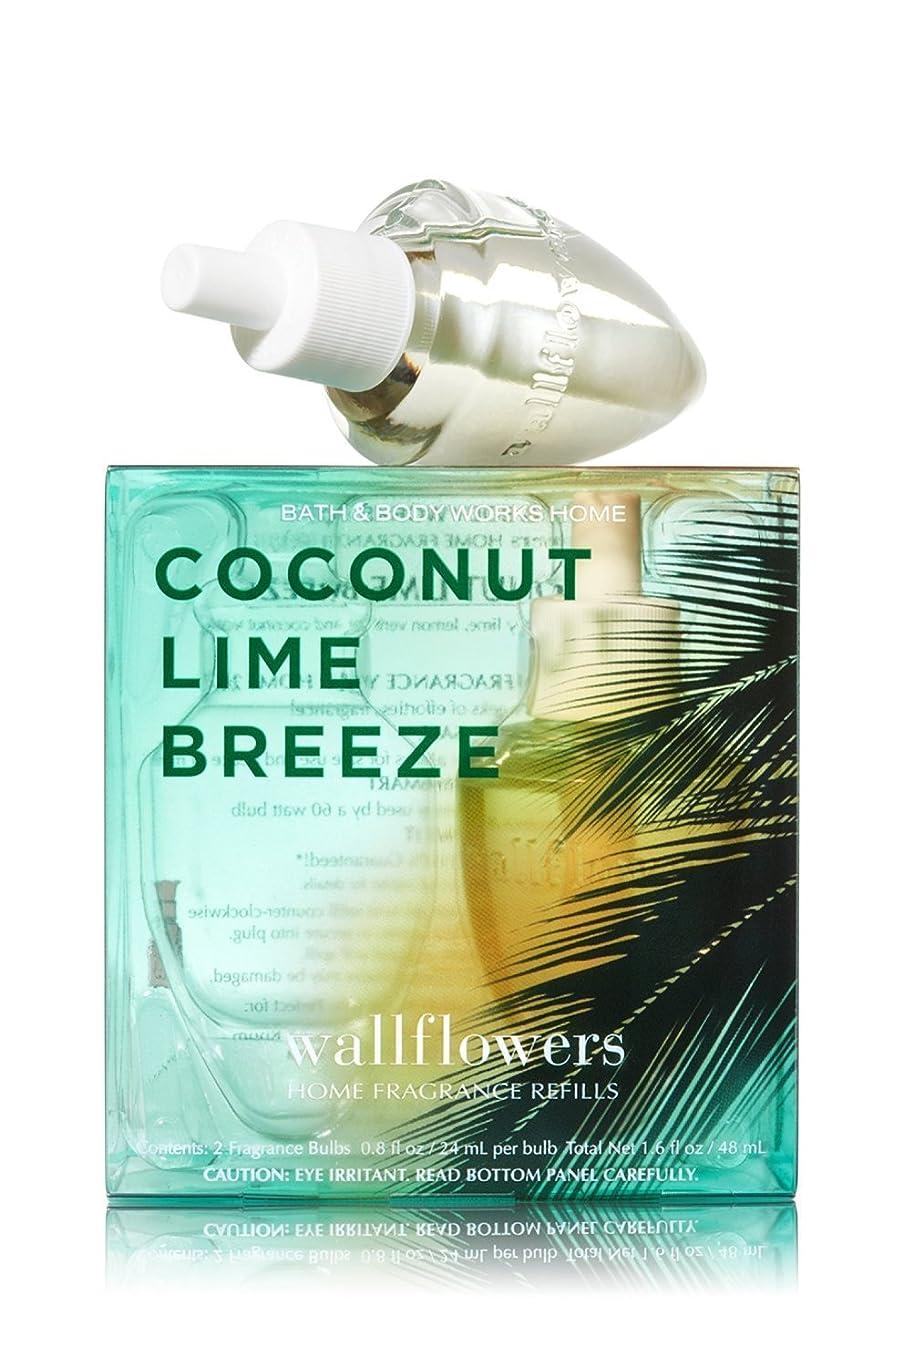 独裁者追い払う乱れ【Bath&Body Works/バス&ボディワークス】 ホームフレグランス 詰替えリフィル(2個入り) ココナッツライムブリーズ Wallflowers Home Fragrance 2-Pack Refills Coconut Lime Breeze [並行輸入品]